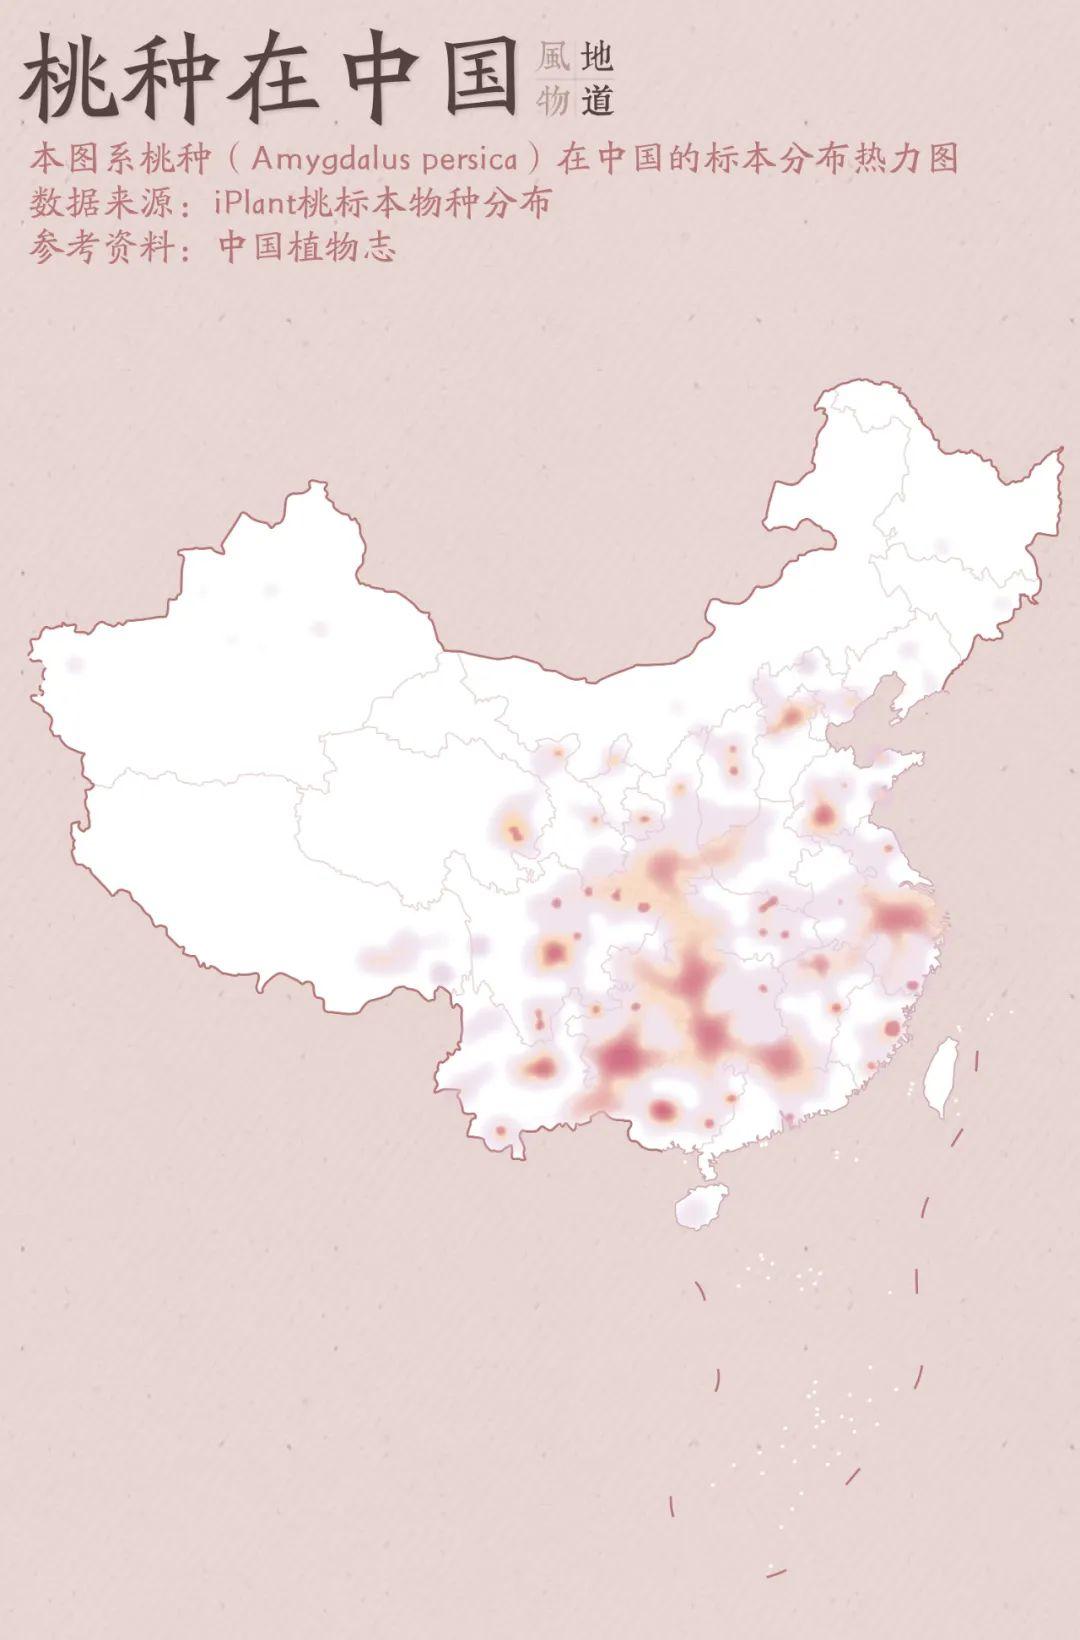 ▲ 桃种在中国的标本分布热力图,江浙沪地区是其中的产桃大区。 制图/Paprika